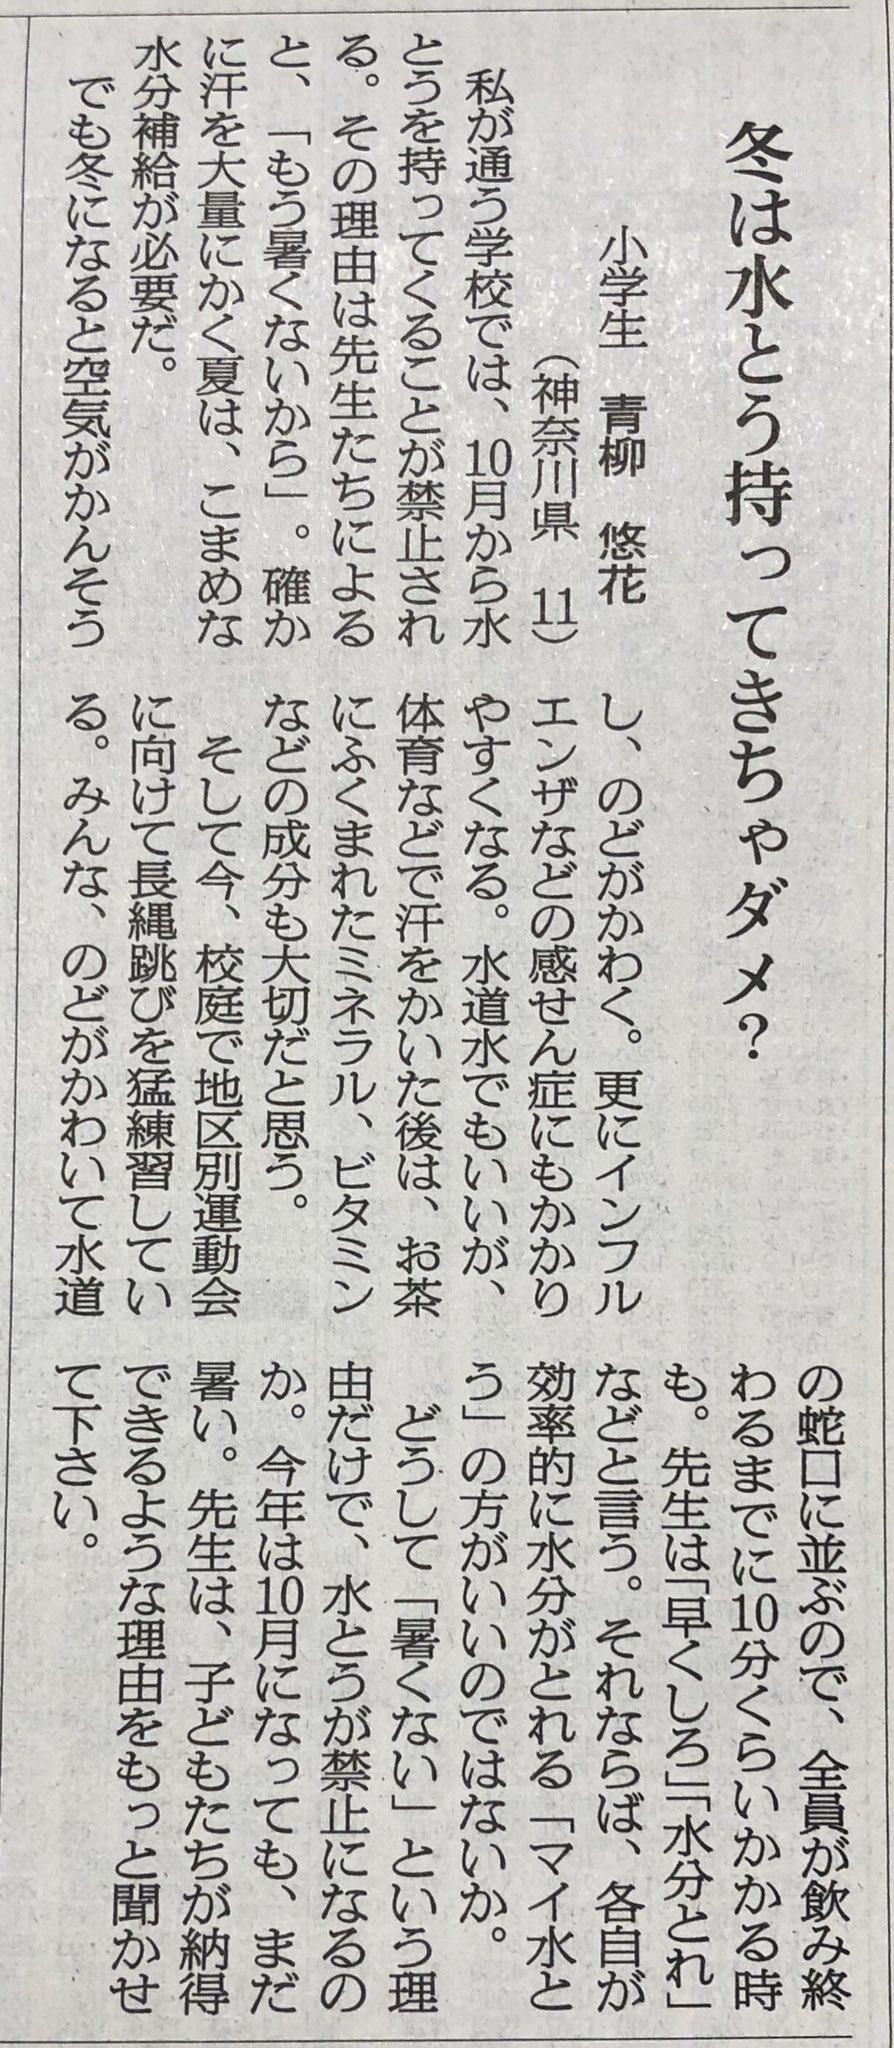 どこの学校だかわかりませんが、悠花ちゃんが言ってることのほうが正しいと思います。 学校ってのはどうなってんだい?